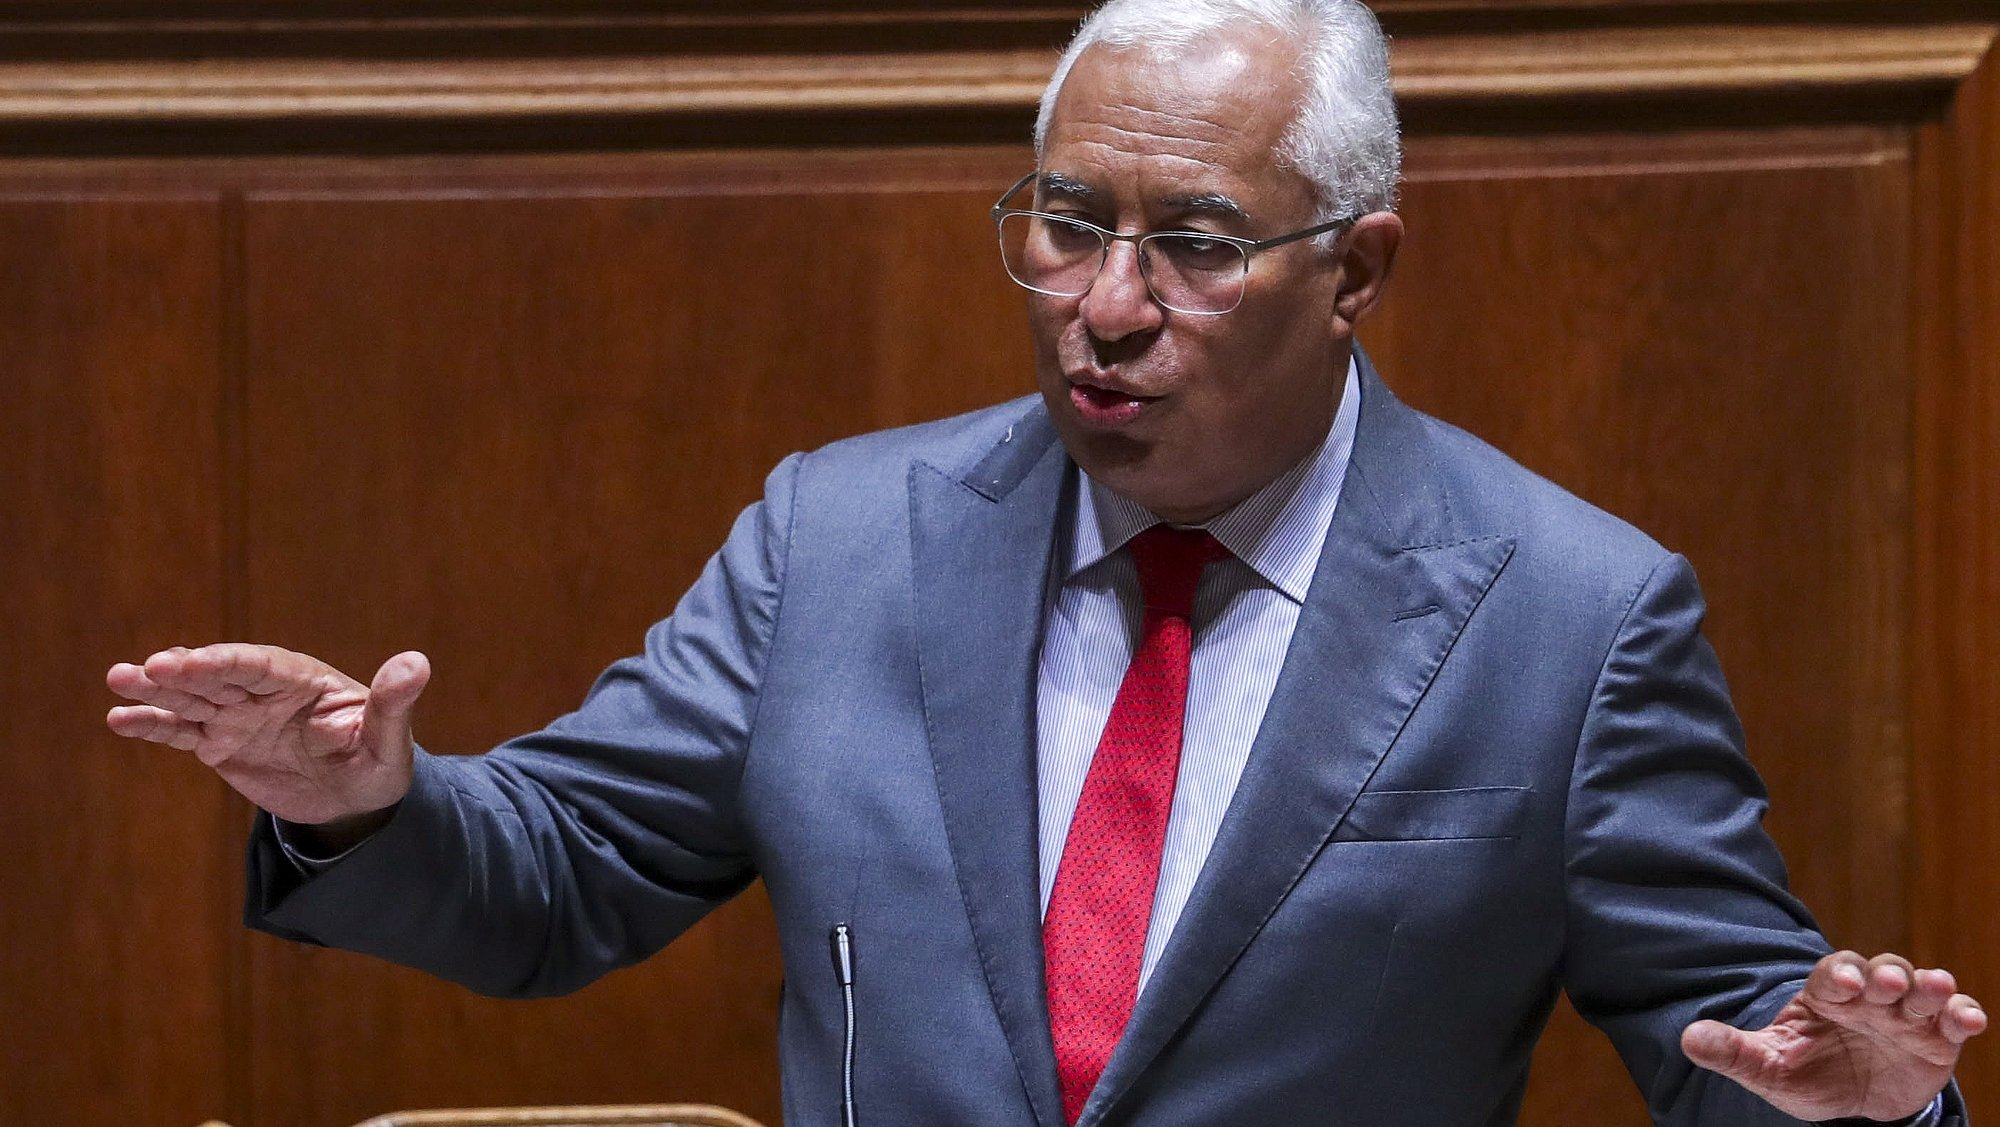 O primeiro-ministro, António Costa, intervém na sessão plenária do debate preparatório do Conselho Europeu, na Assembleia da República, em Lisboa, 20 de outubro 2021. TIAGO PETINGA/LUSA